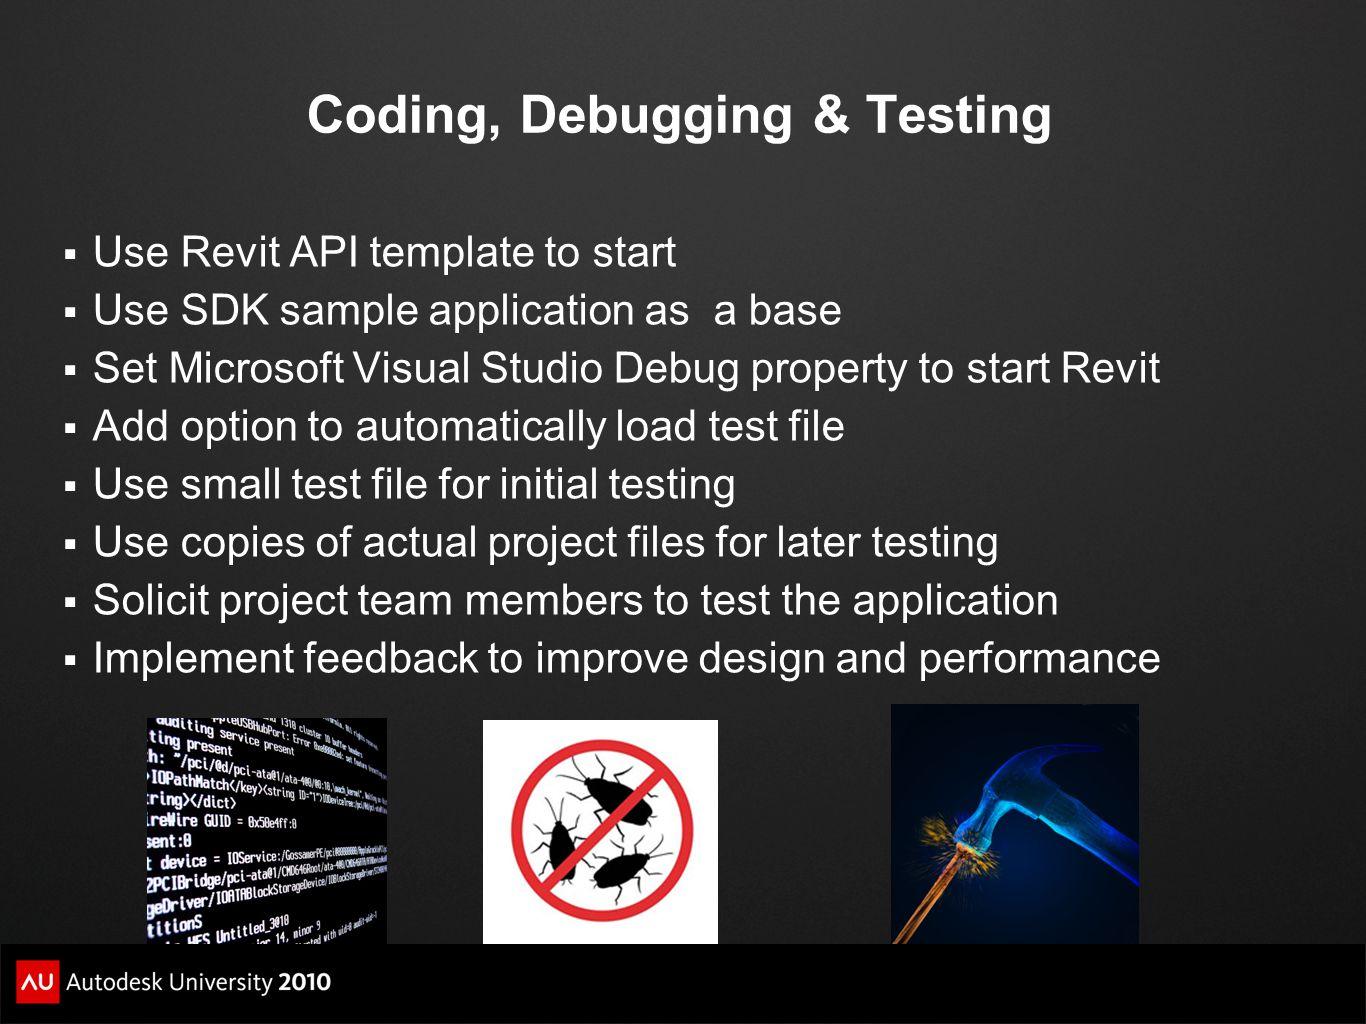 Coding, Debugging & Testing